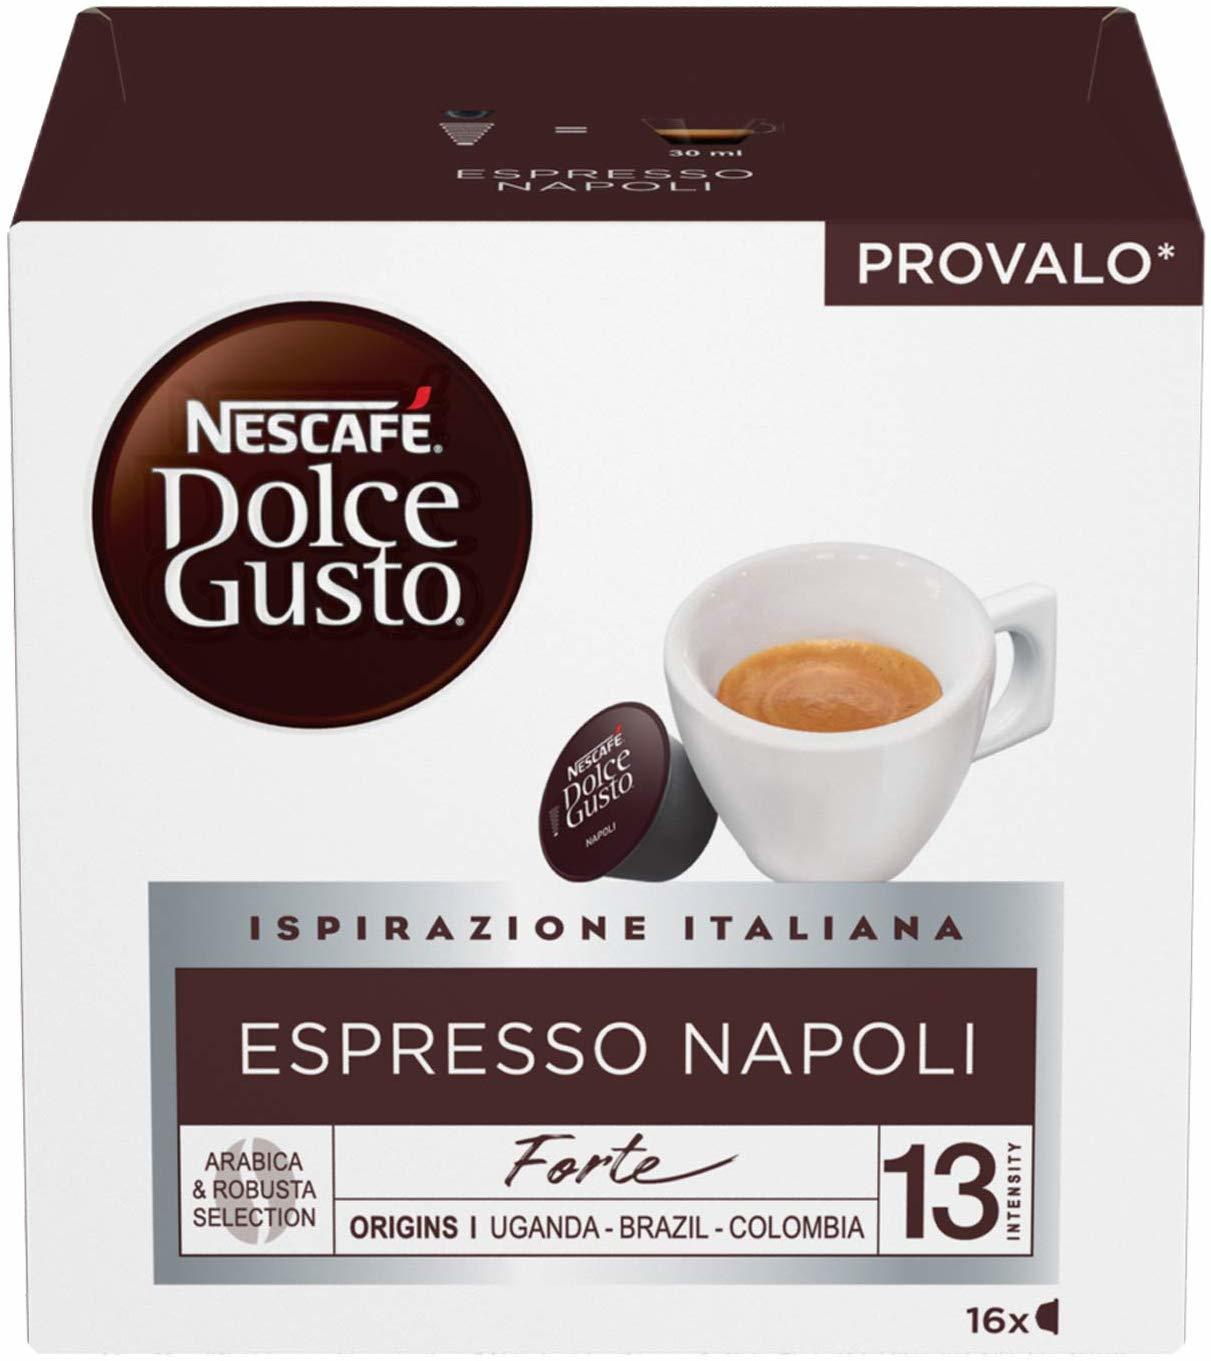 NESC.DOLCE GUSTO ESPRESSO NAPOLI Nescafé Dolce Gusto Espresso Napoli